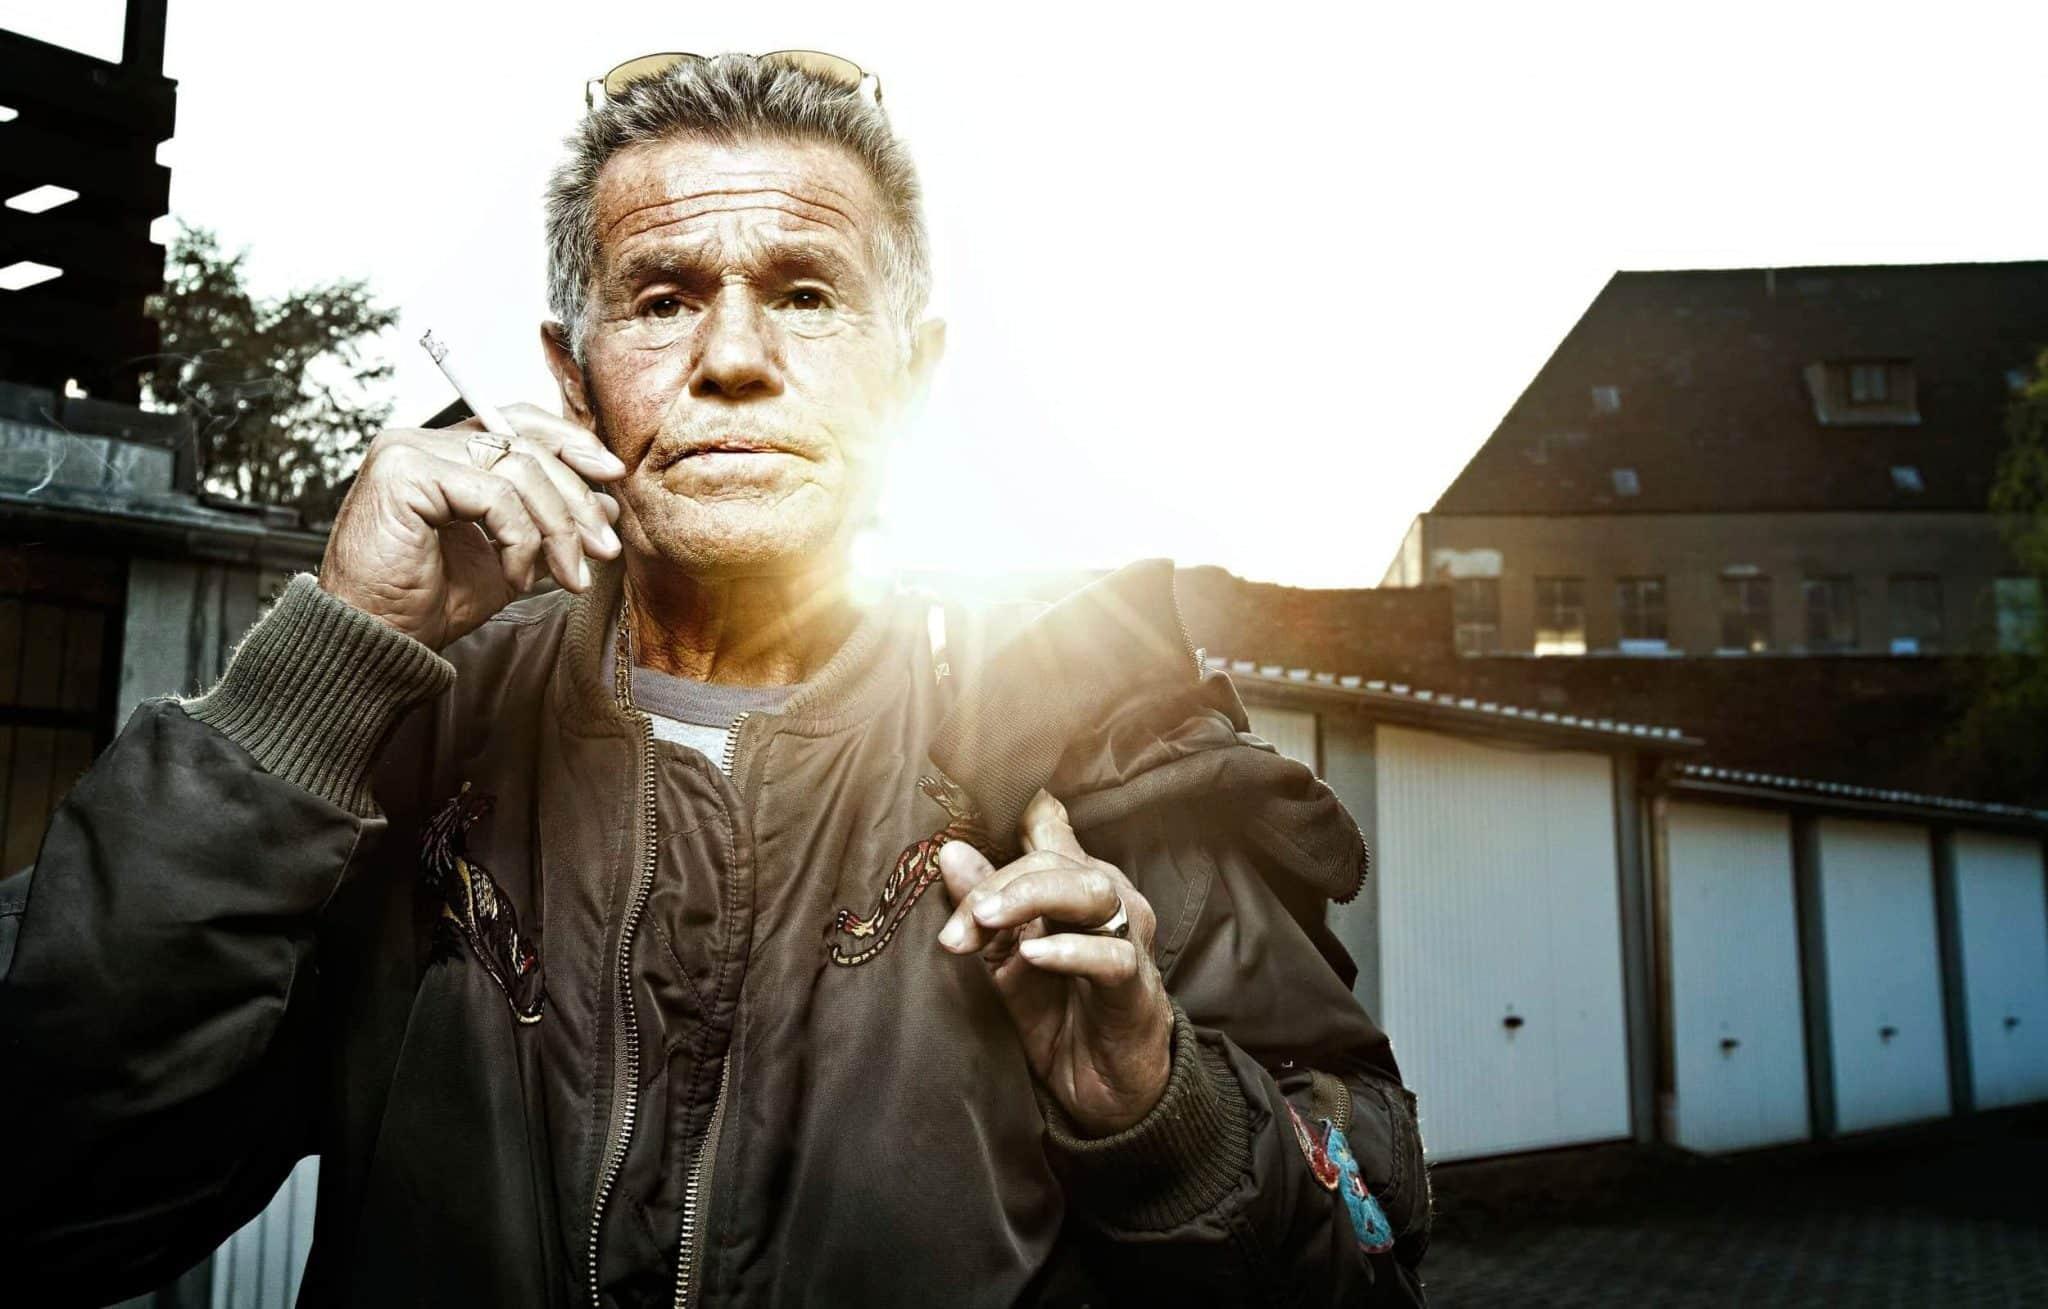 Fotograf Holger Altgeld Köln, spezialisiert auf sStorytelling, Porträt, Werbung und Reise-Tourismus